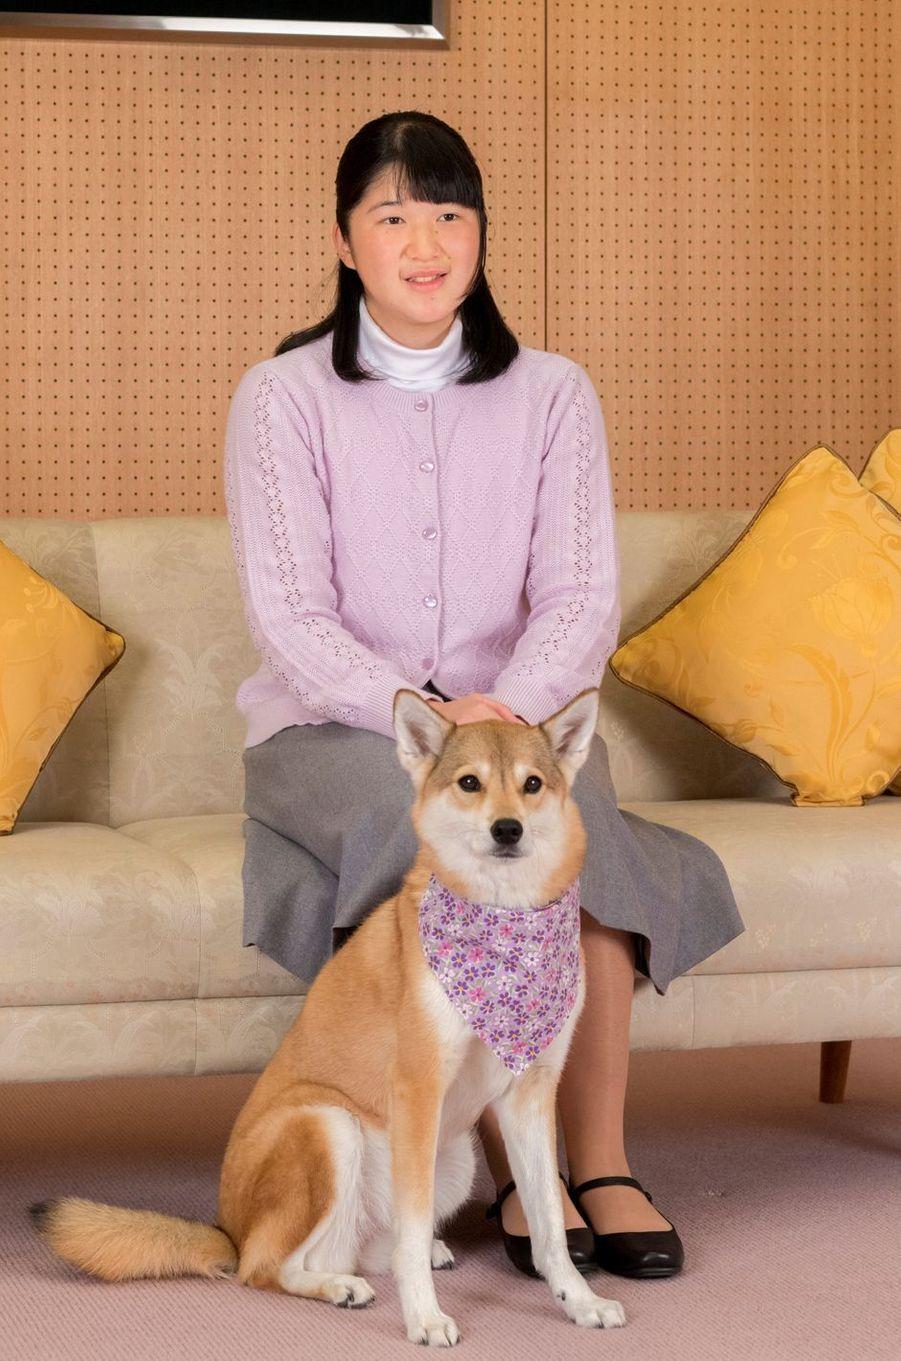 La princesse Aiko du Japon avec son chien Yuri. Photo diffusée pour ses 17 ans, le 1er décembre 2018